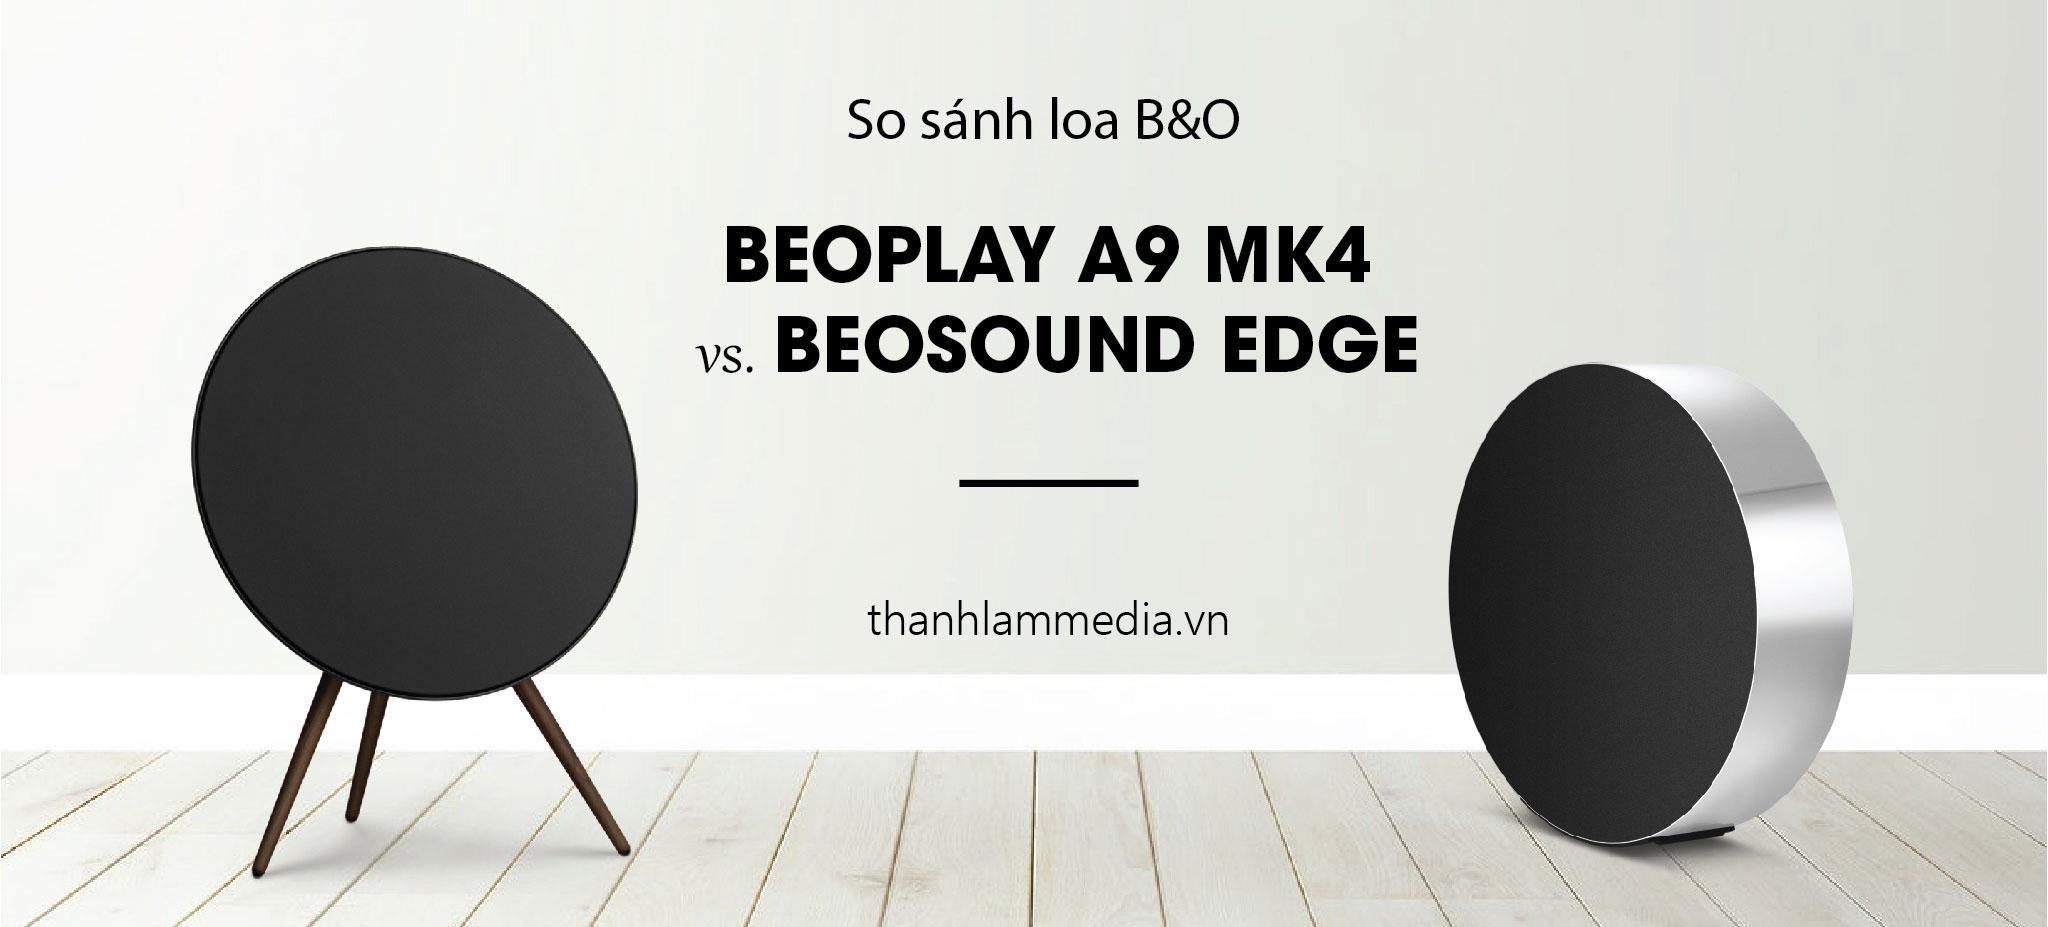 So sánh B&O Beoplay A9 MK4 và Beosound Edge - Những khác biệt chính 1